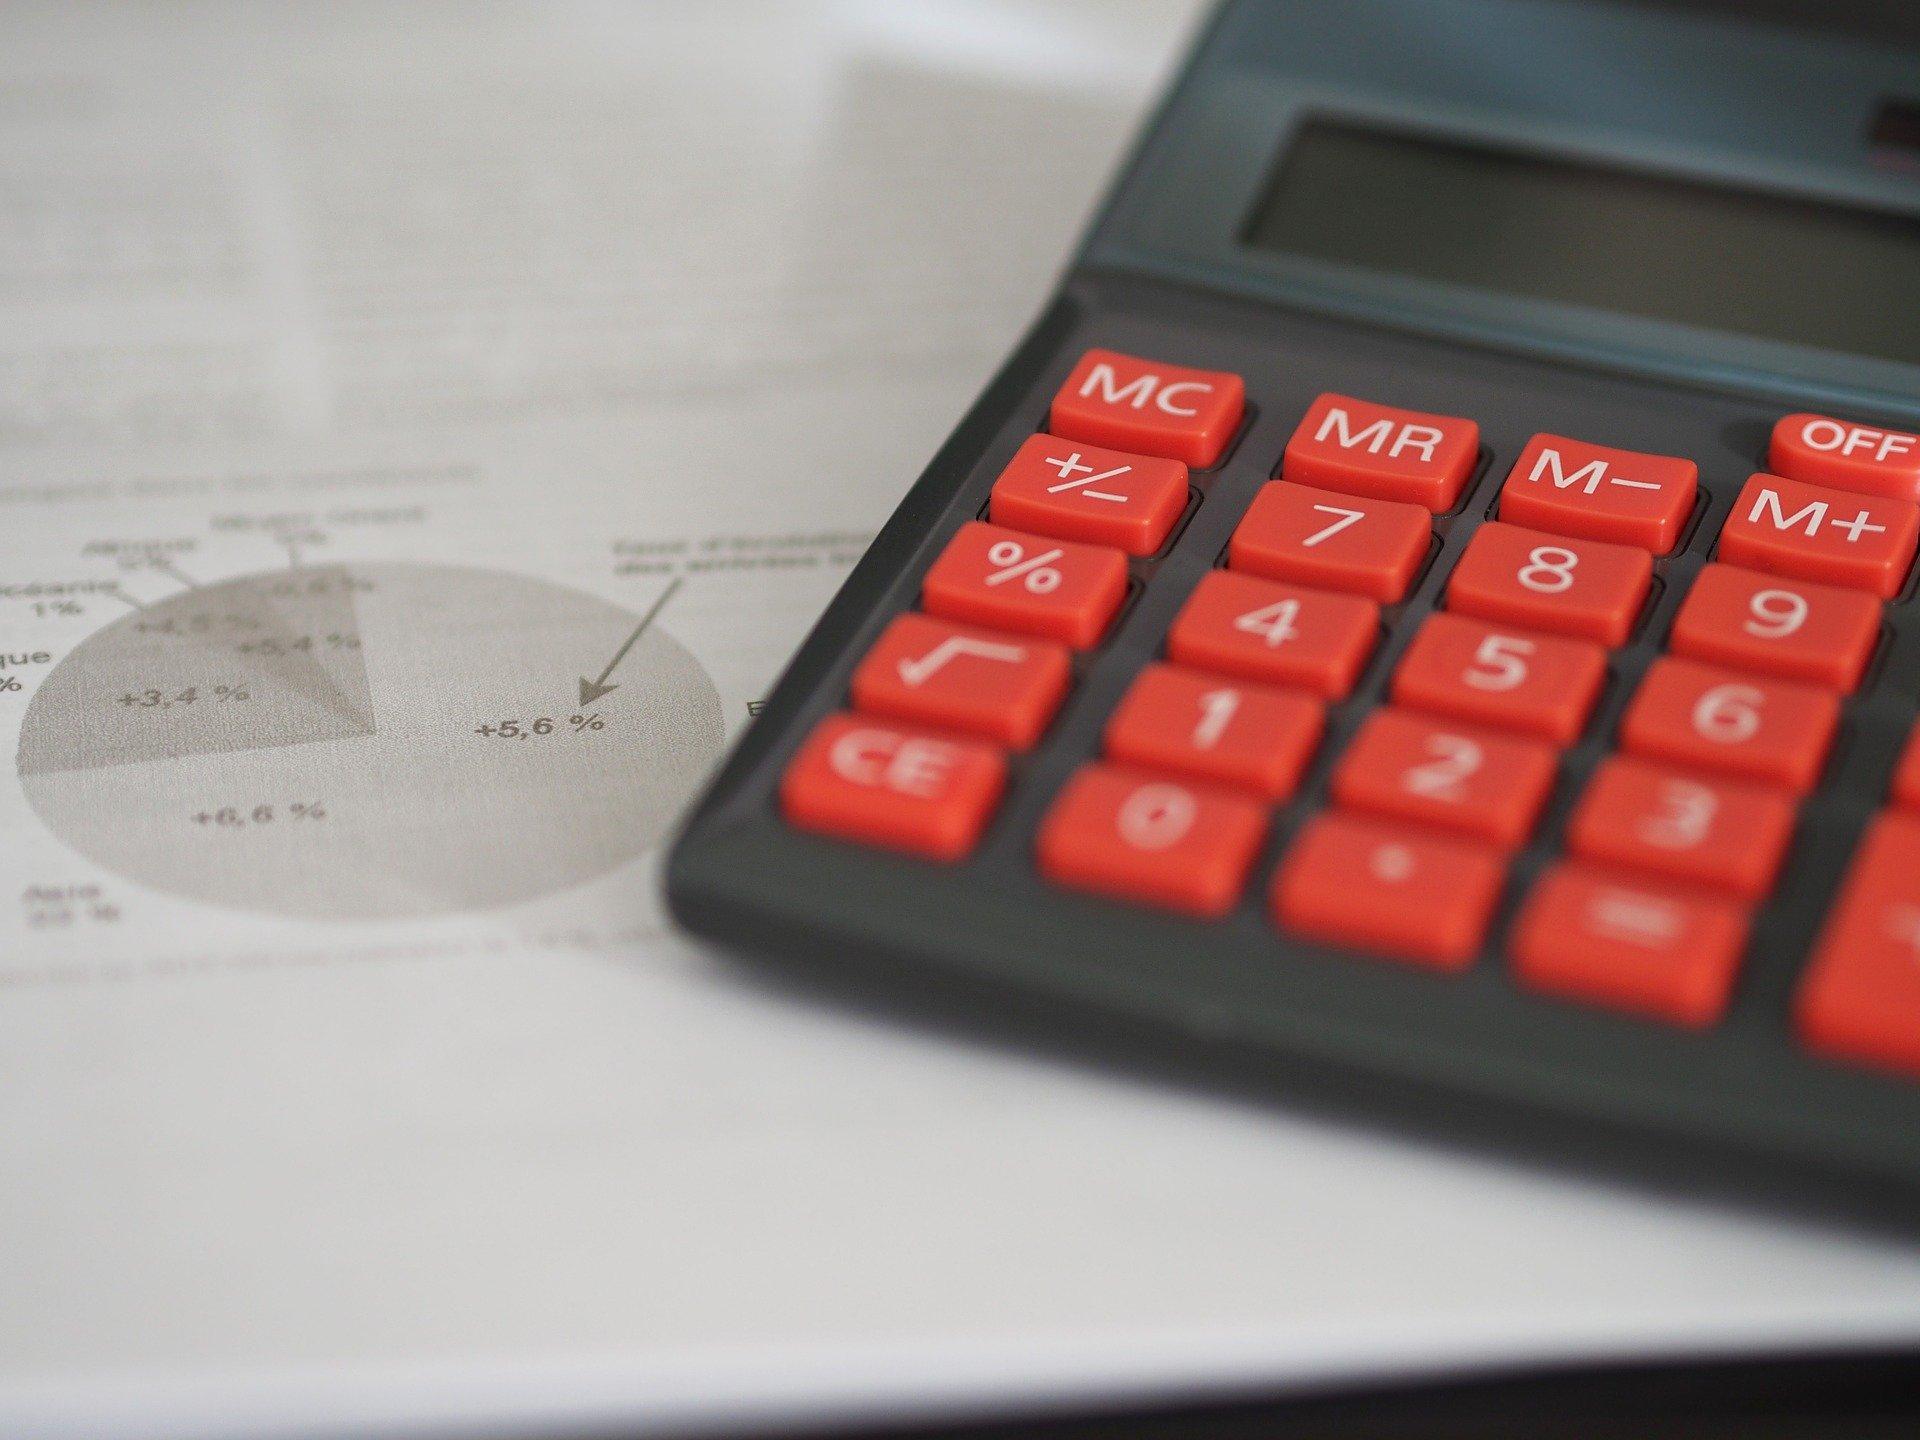 Foto de uma calculadora preta e vermelha ao lado de um papel com gráficos. Imagem ilustrativa para o texto valor da franquia do seguro.